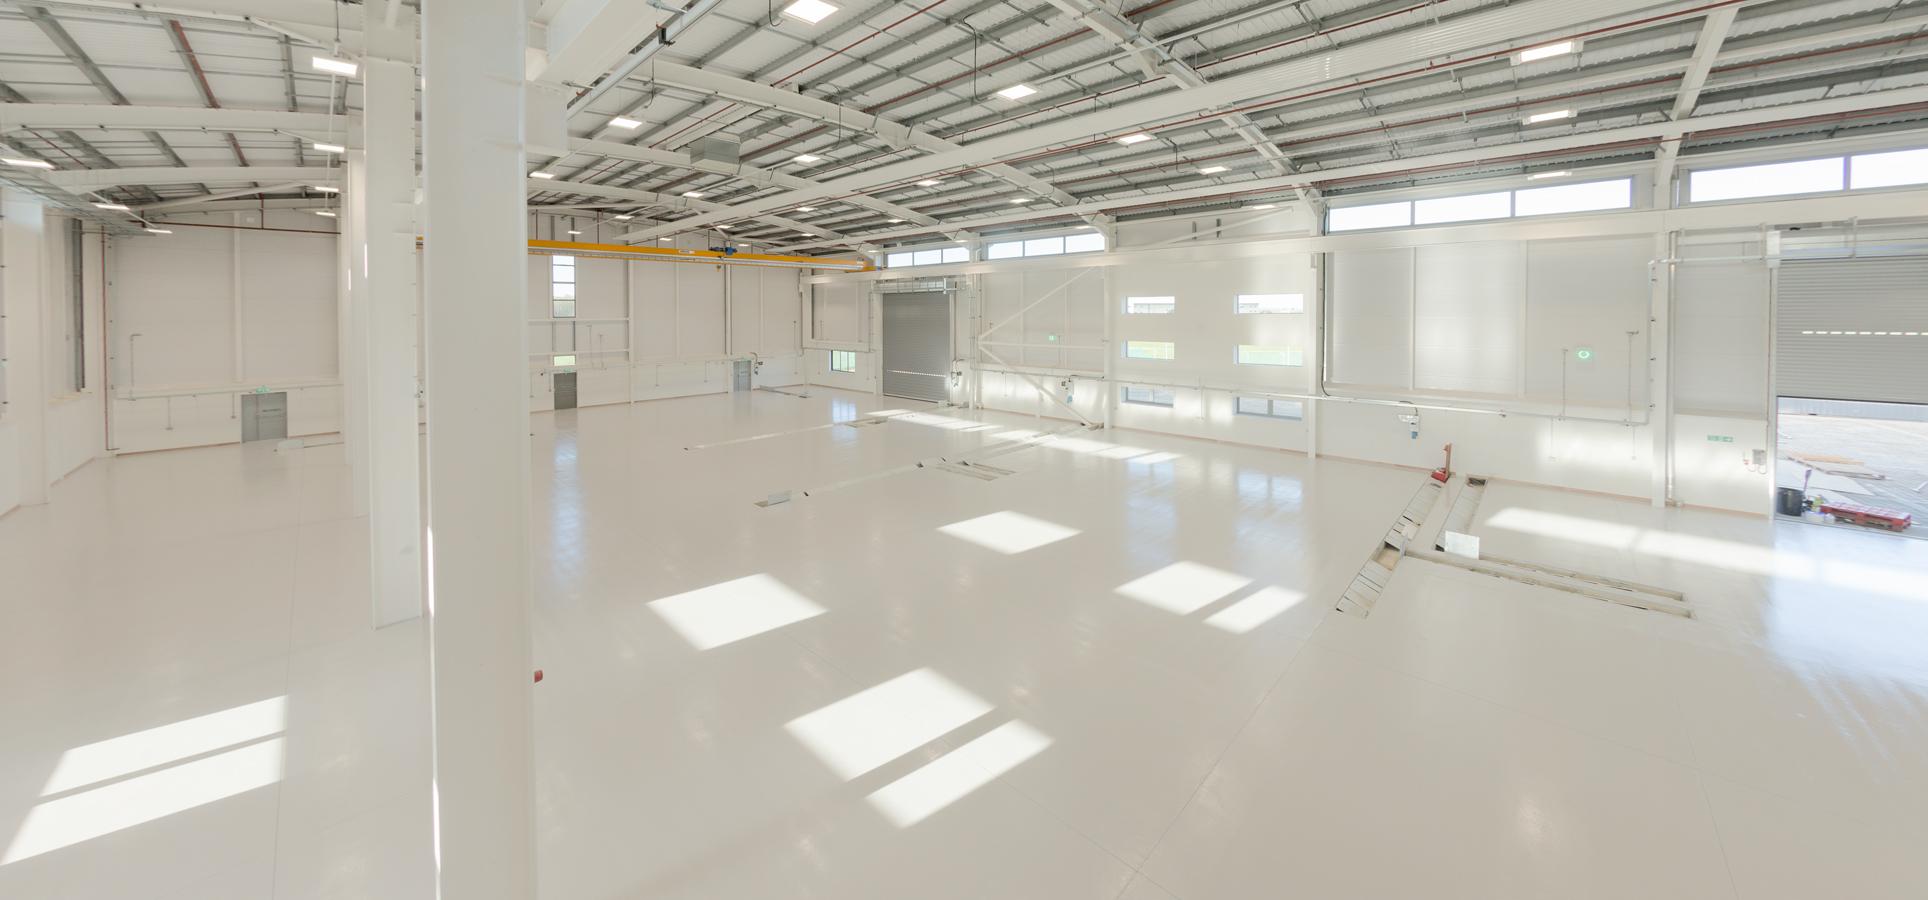 Wattisham Airfield, Jessops Construction Ltd